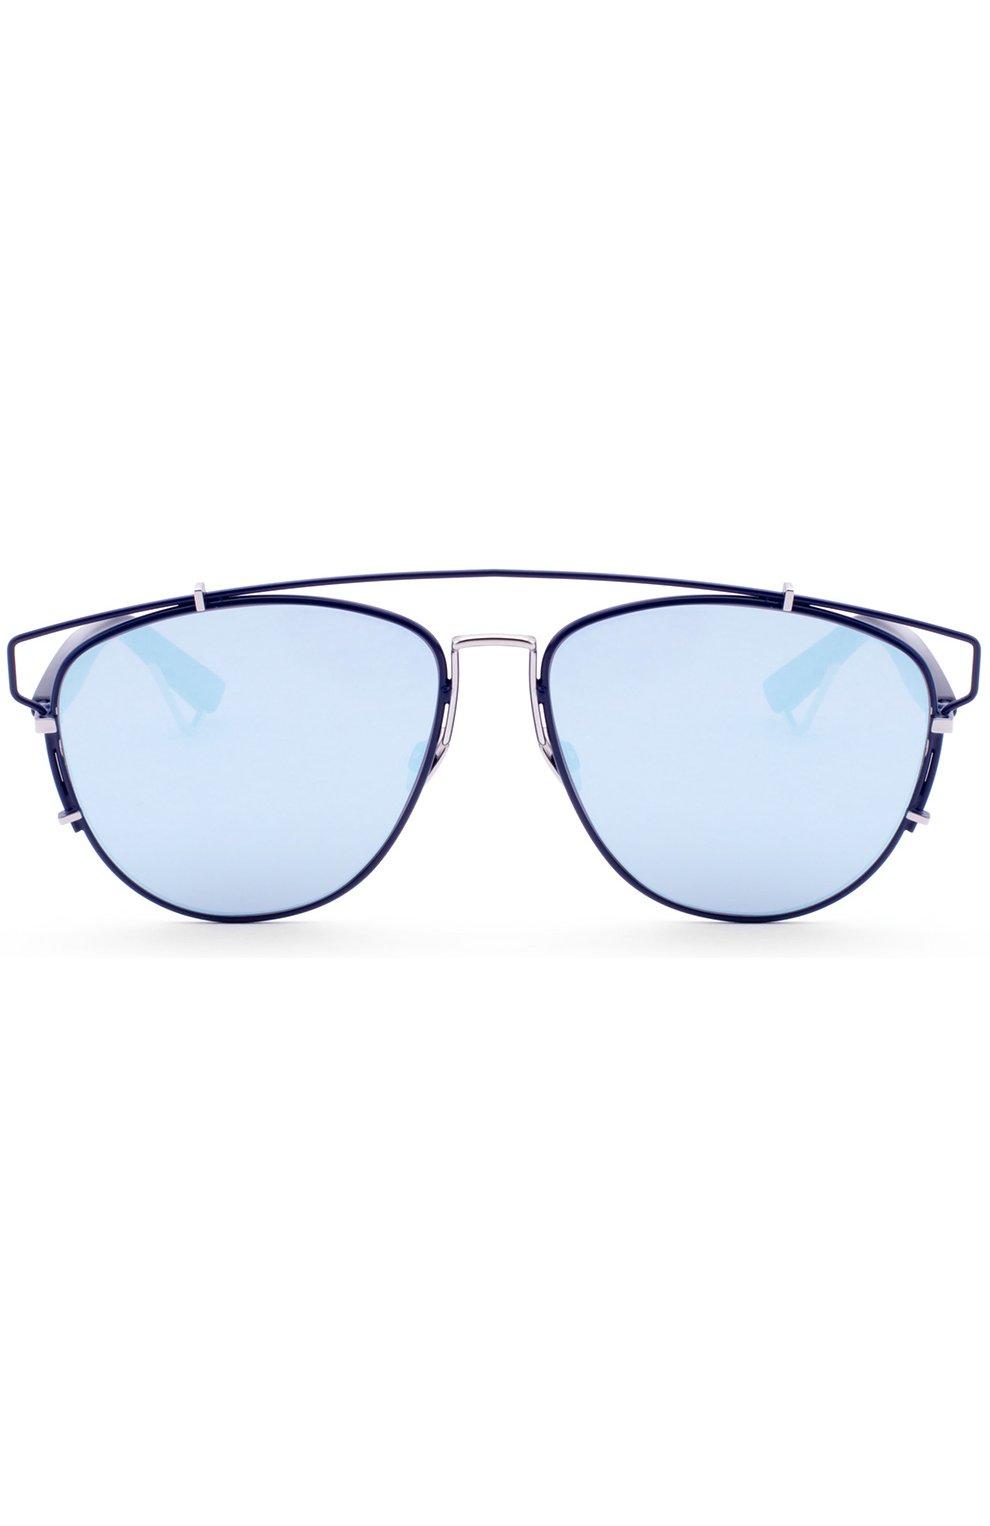 Женские солнцезащитные очки DIOR темно-синего цвета, арт. DI0RTECHN0L0GIC PQU   Фото 1